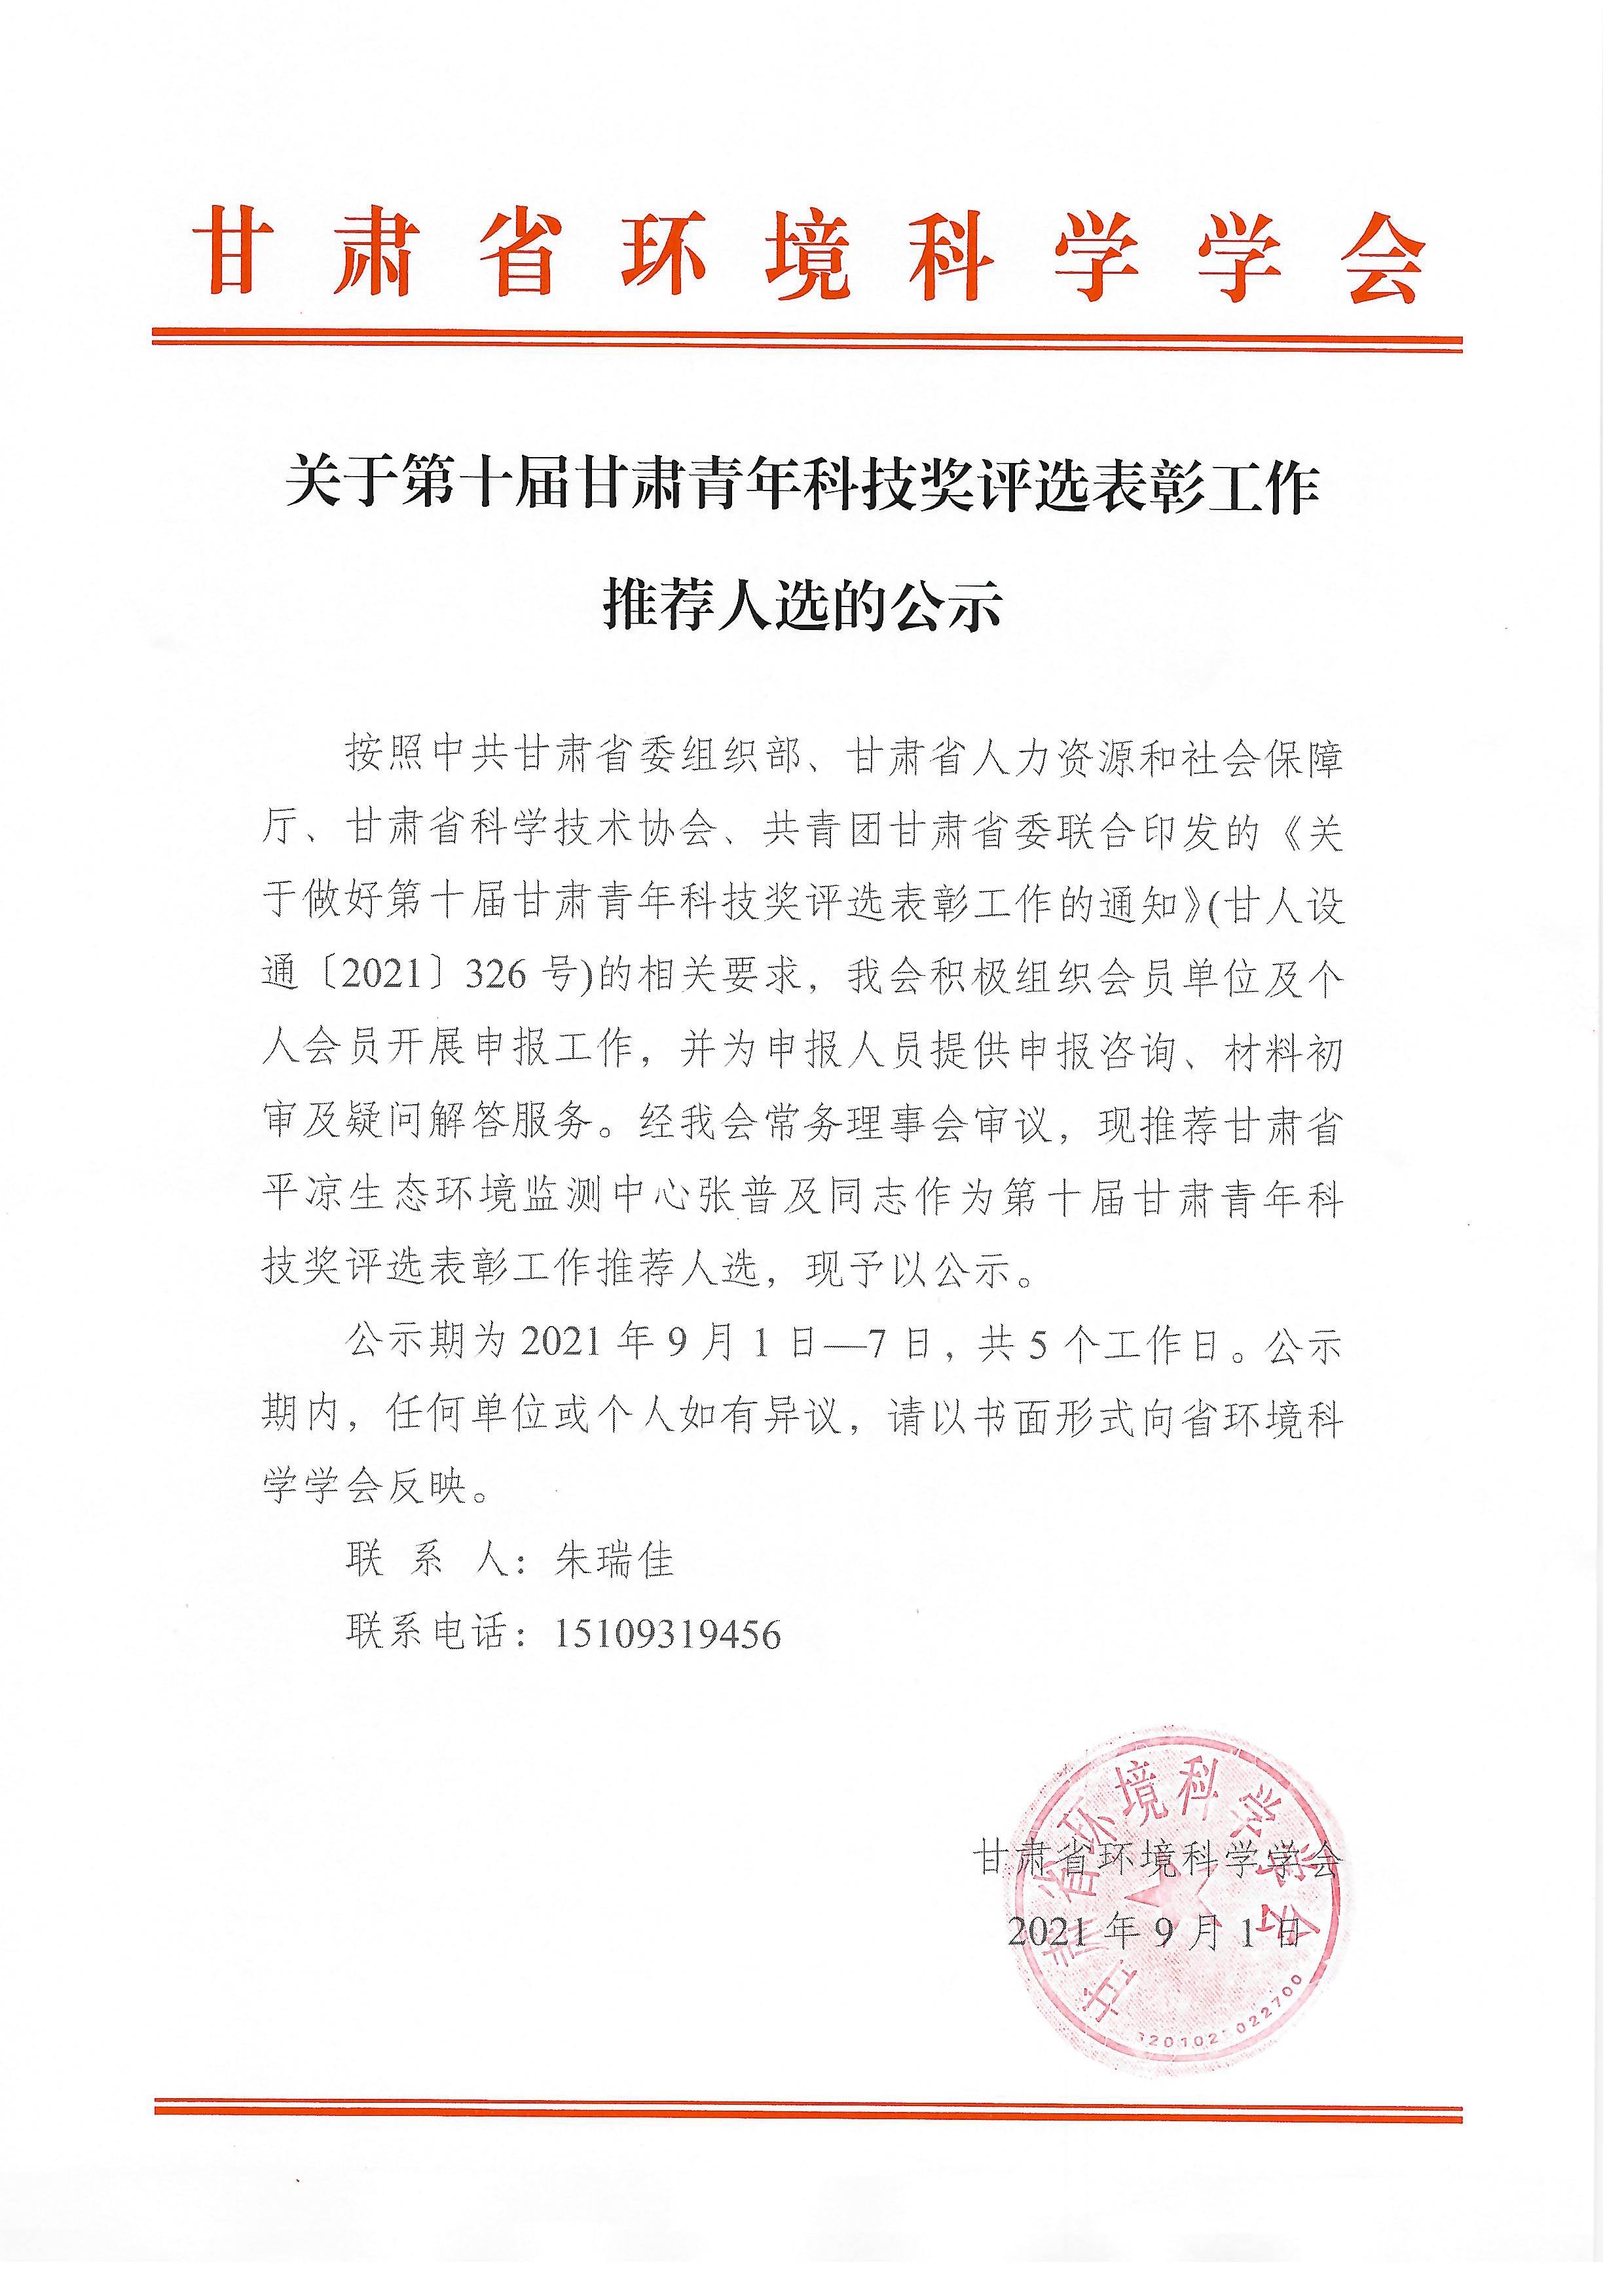 关于第十届甘肃青年科技奖评选表彰工作推荐人选的公示_0.jpg